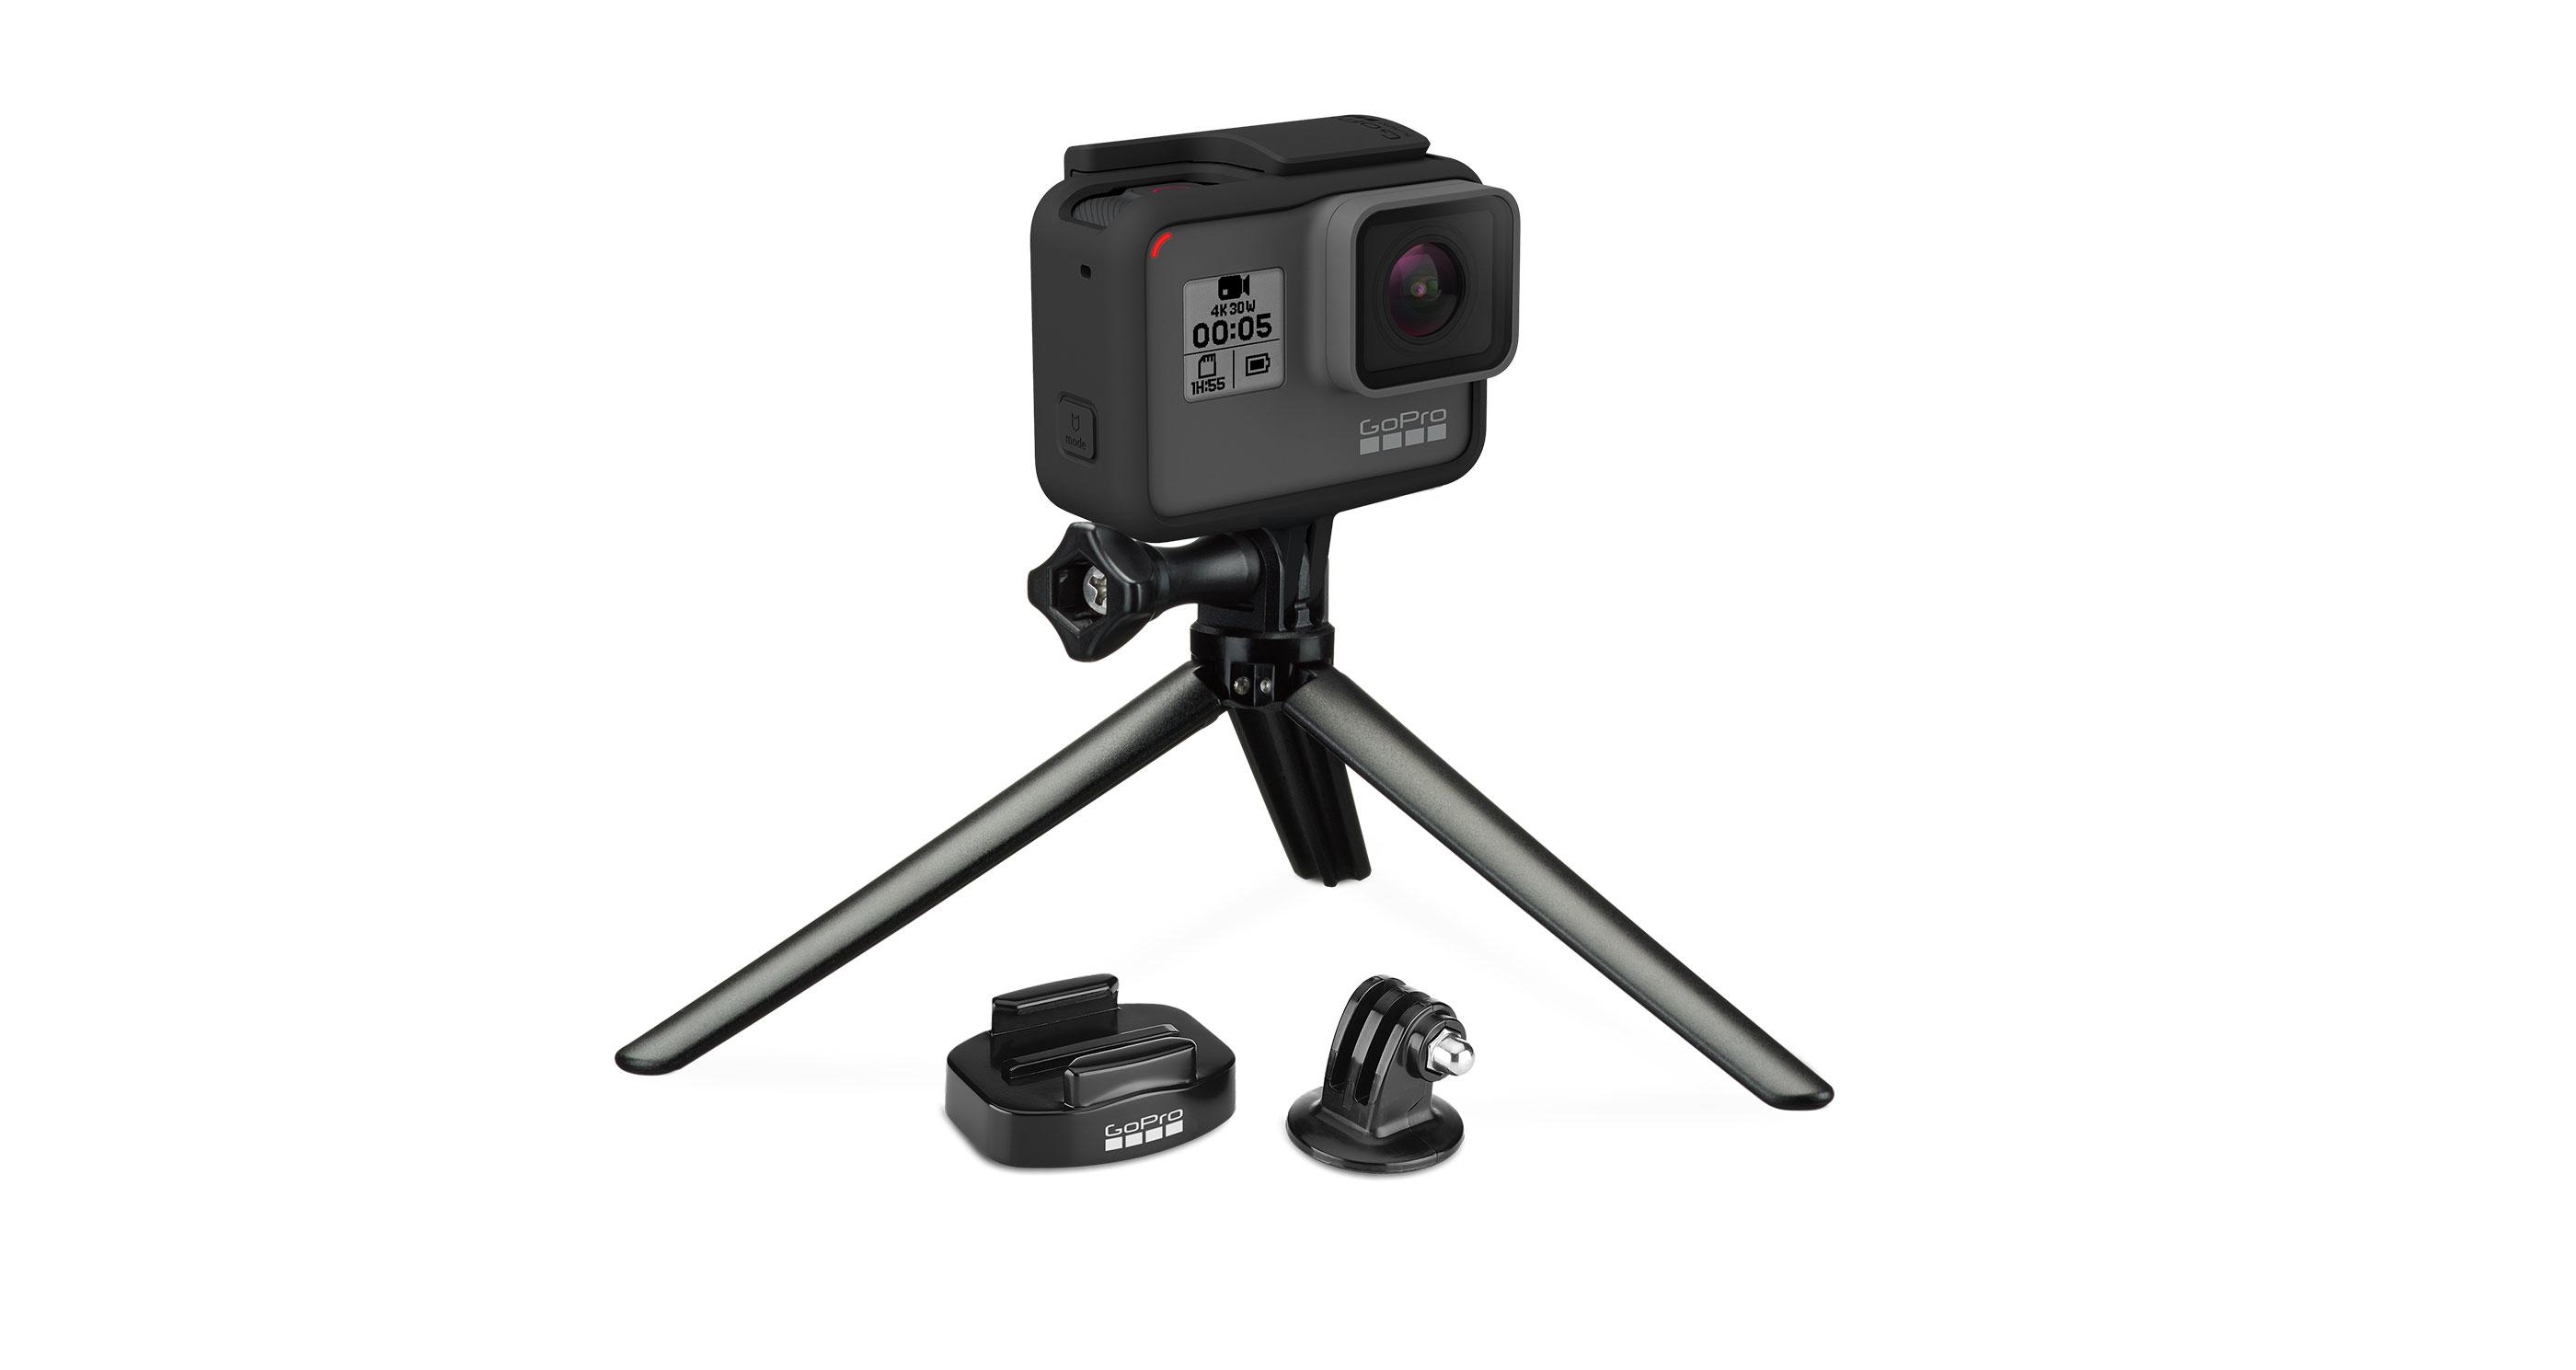 b9a265d20fa Statiivi adapterid+ 3-jalg GoPro kaamerale